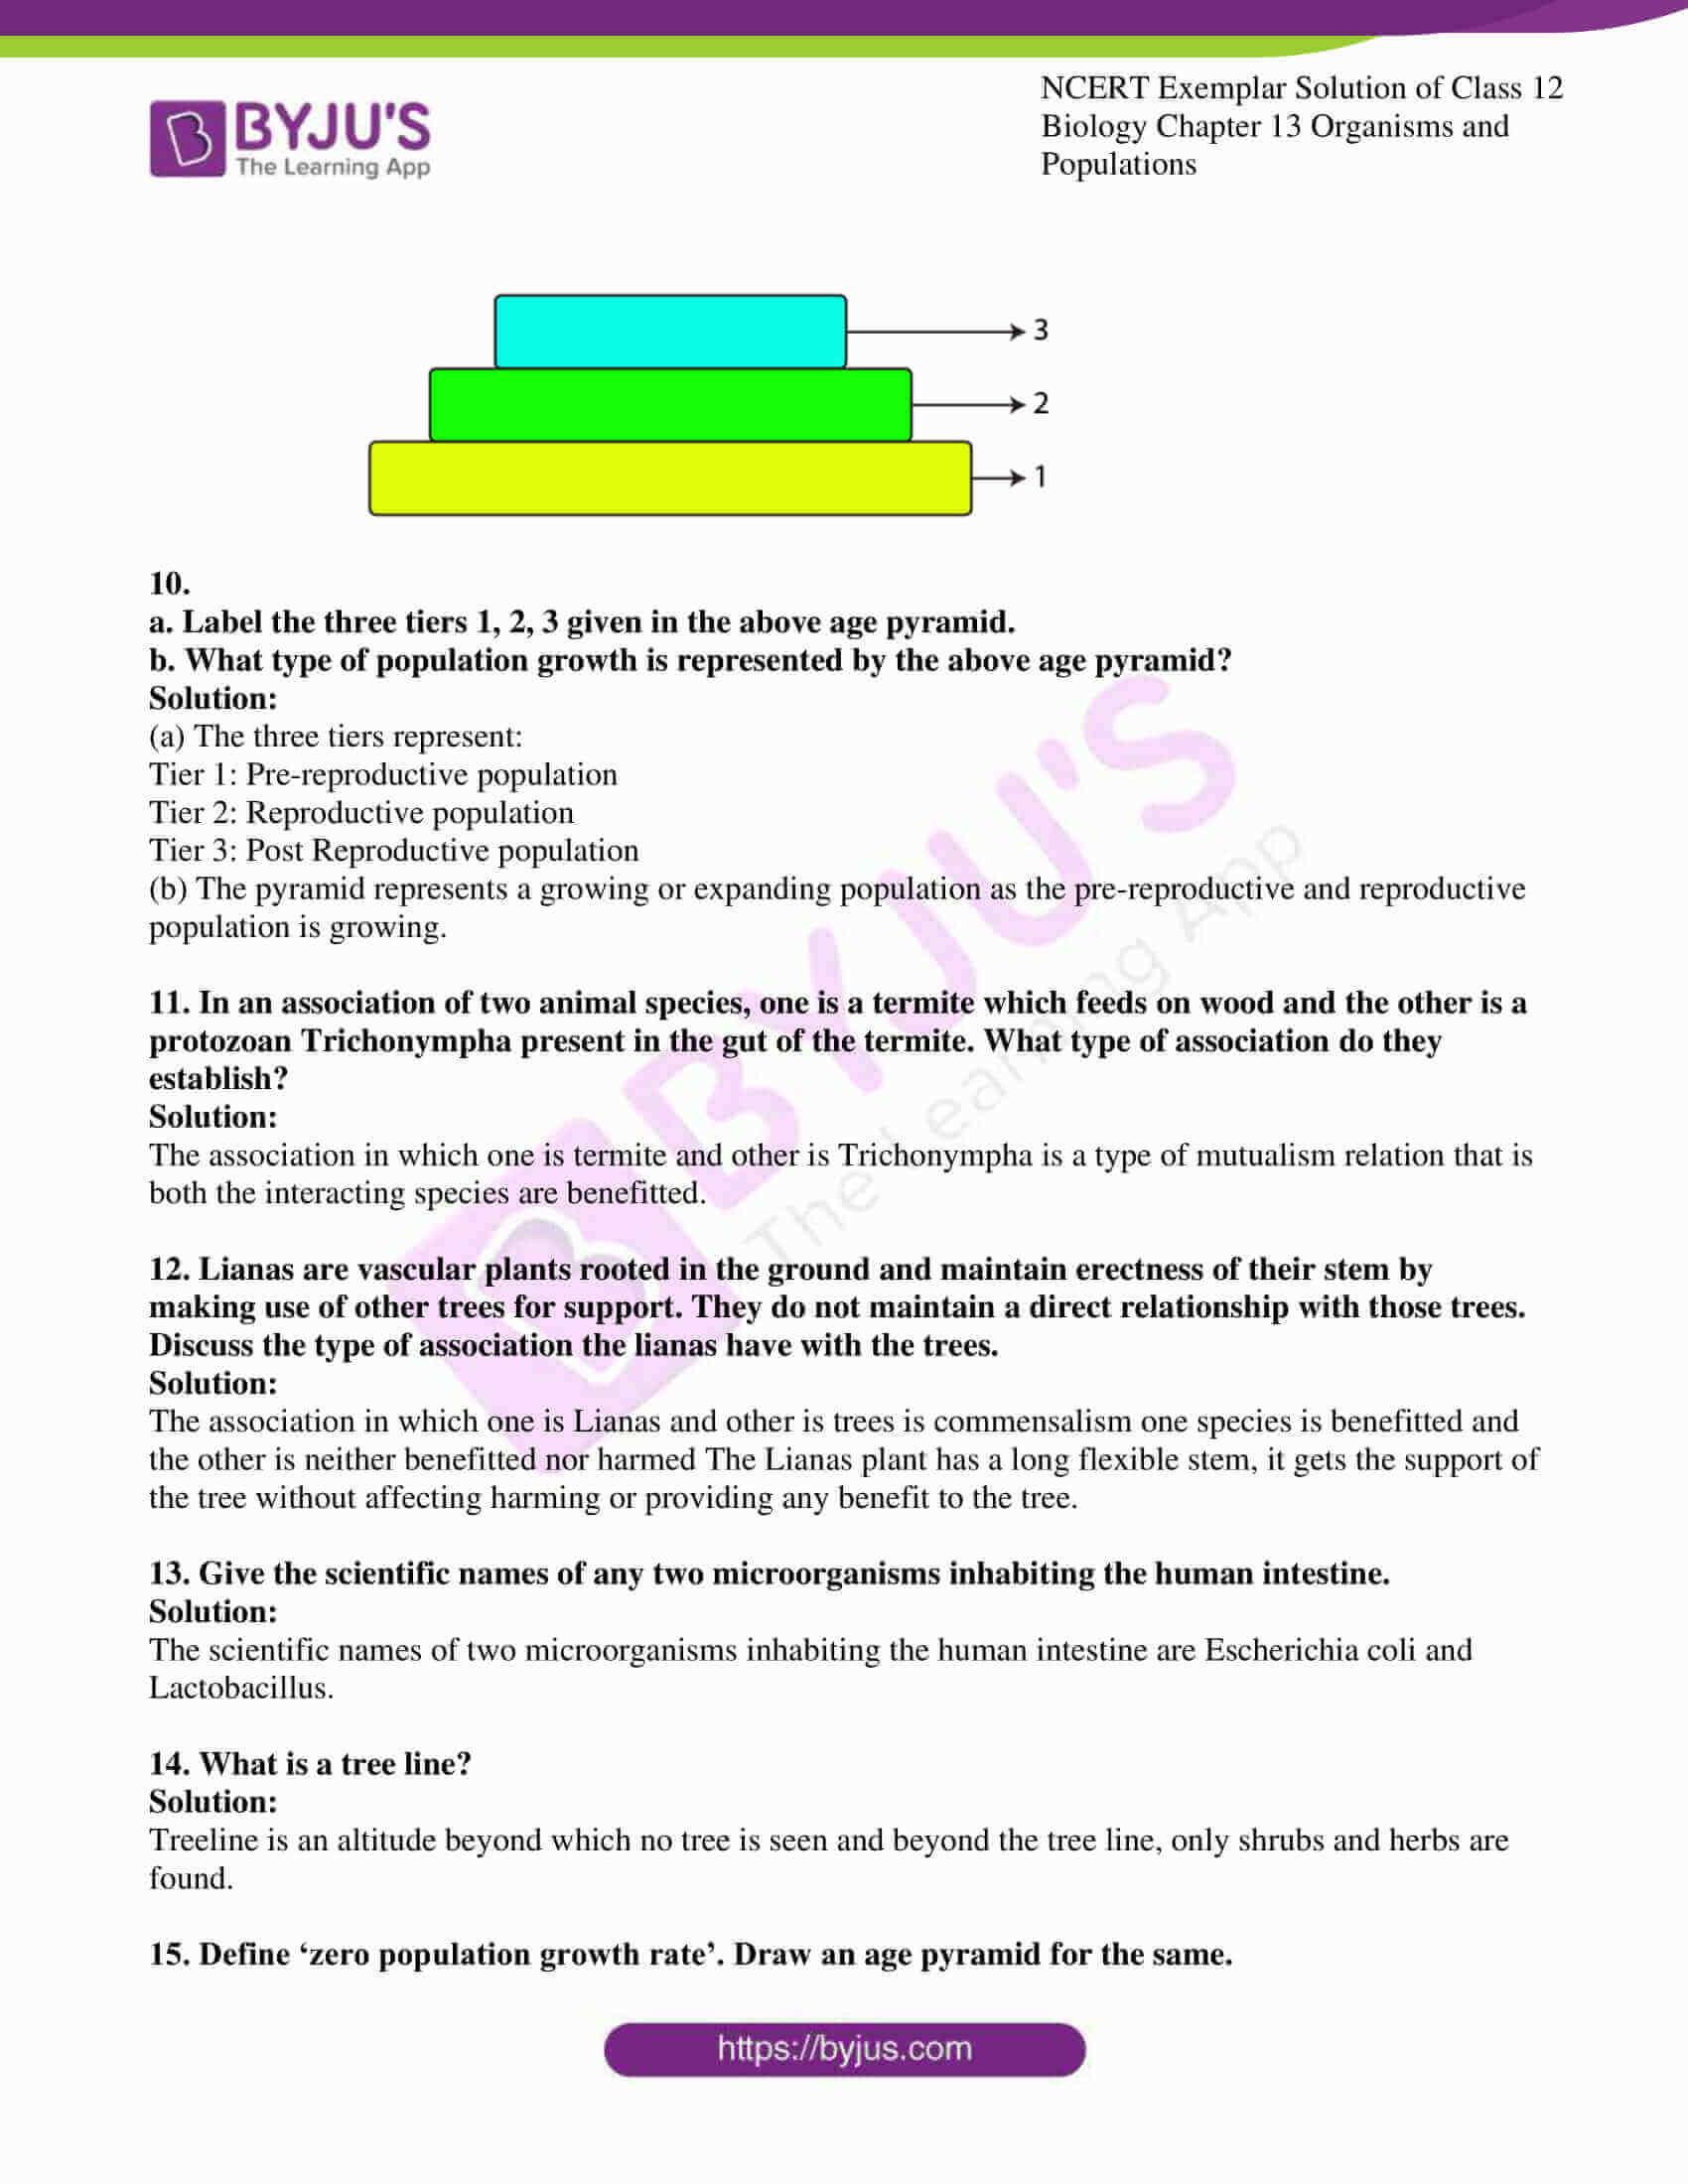 ncert exemplar solution of class 12 biology chapter 13 09